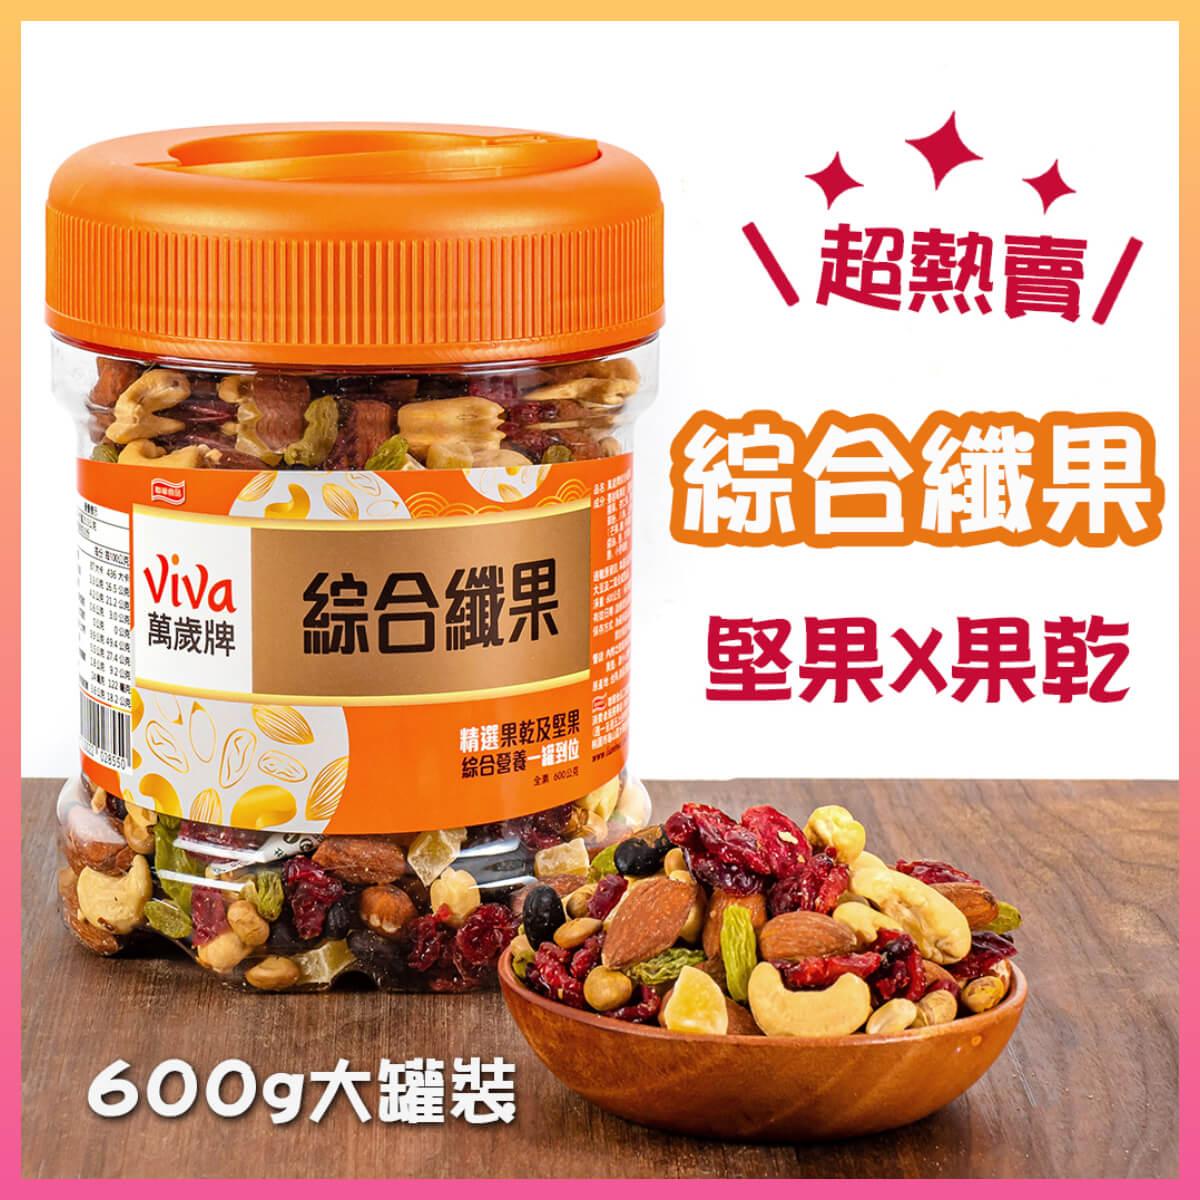 【萬歲牌】綜合纖果(600g大罐裝)